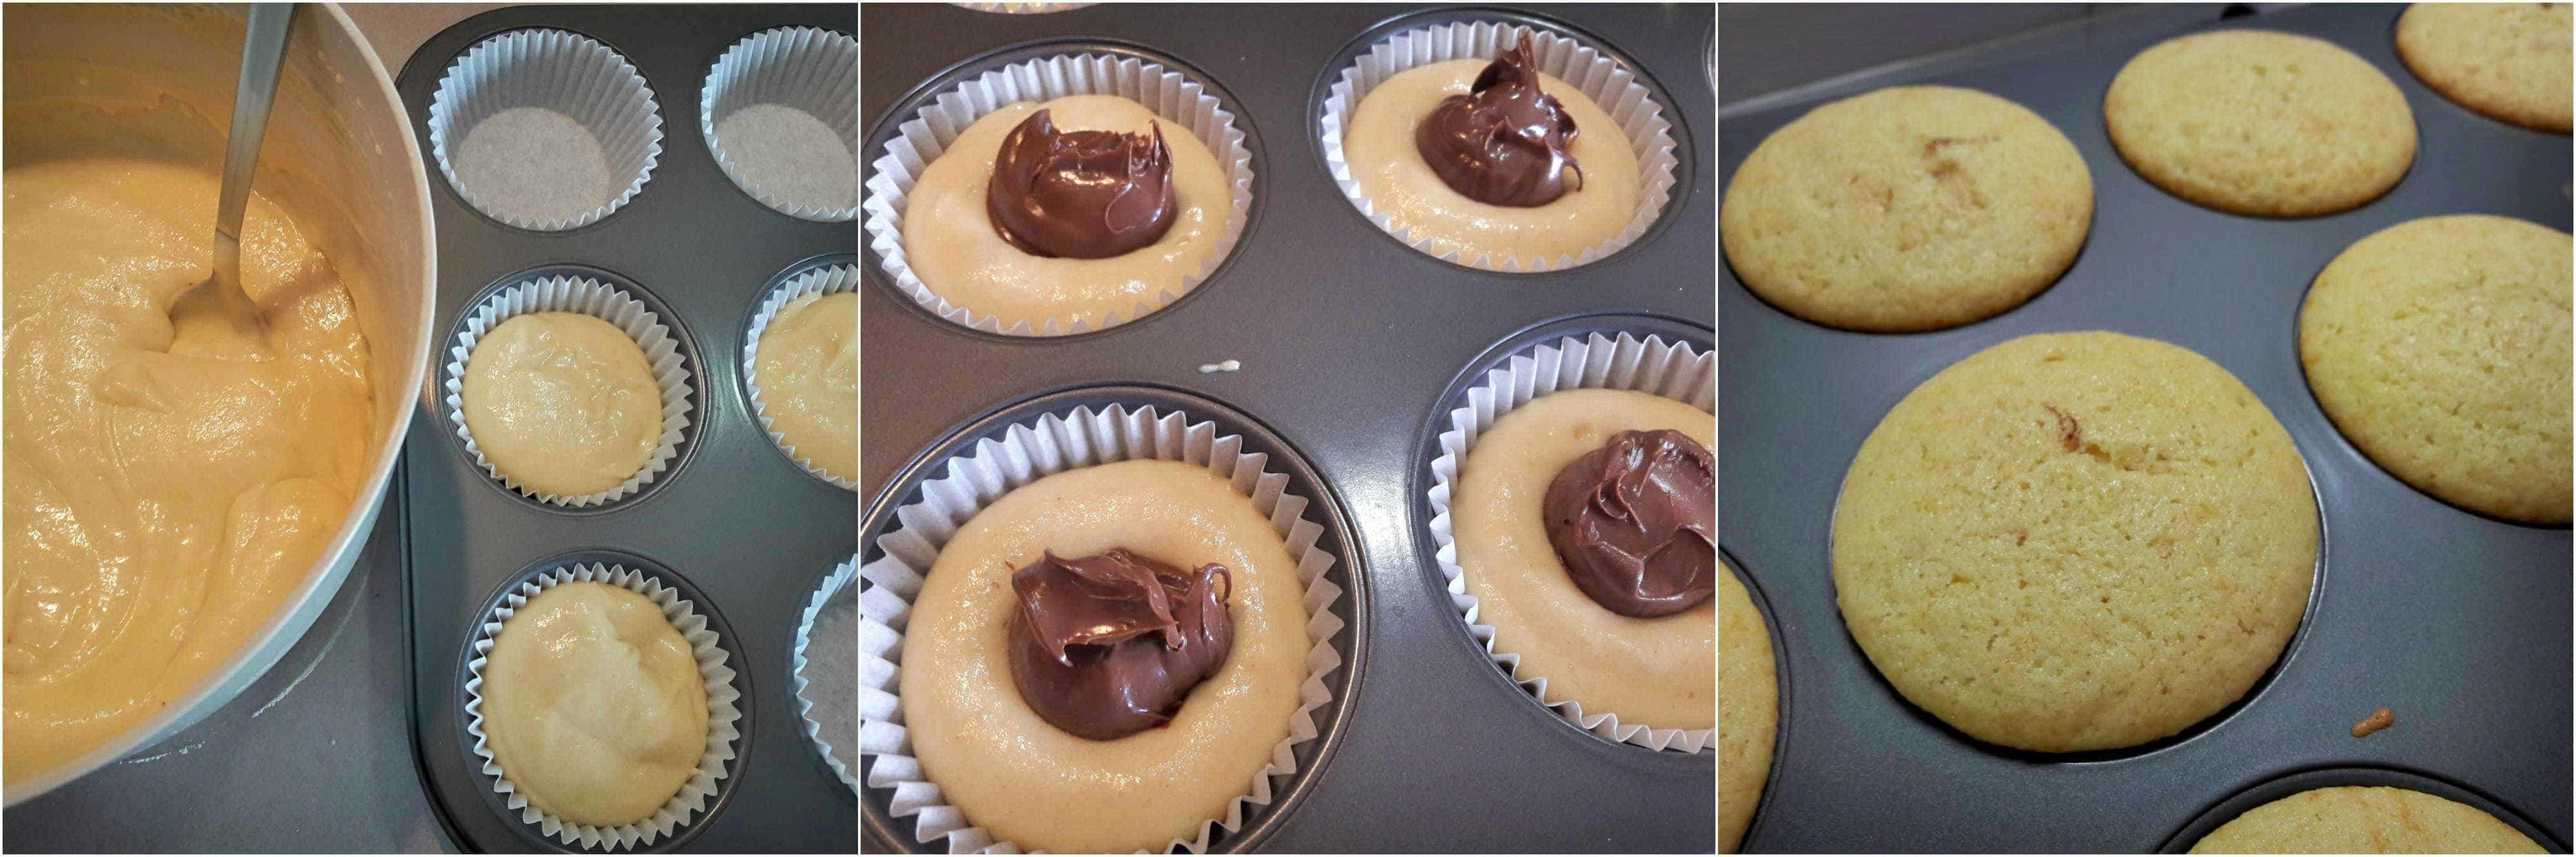 muffin pana crema nocciole box@vg-2